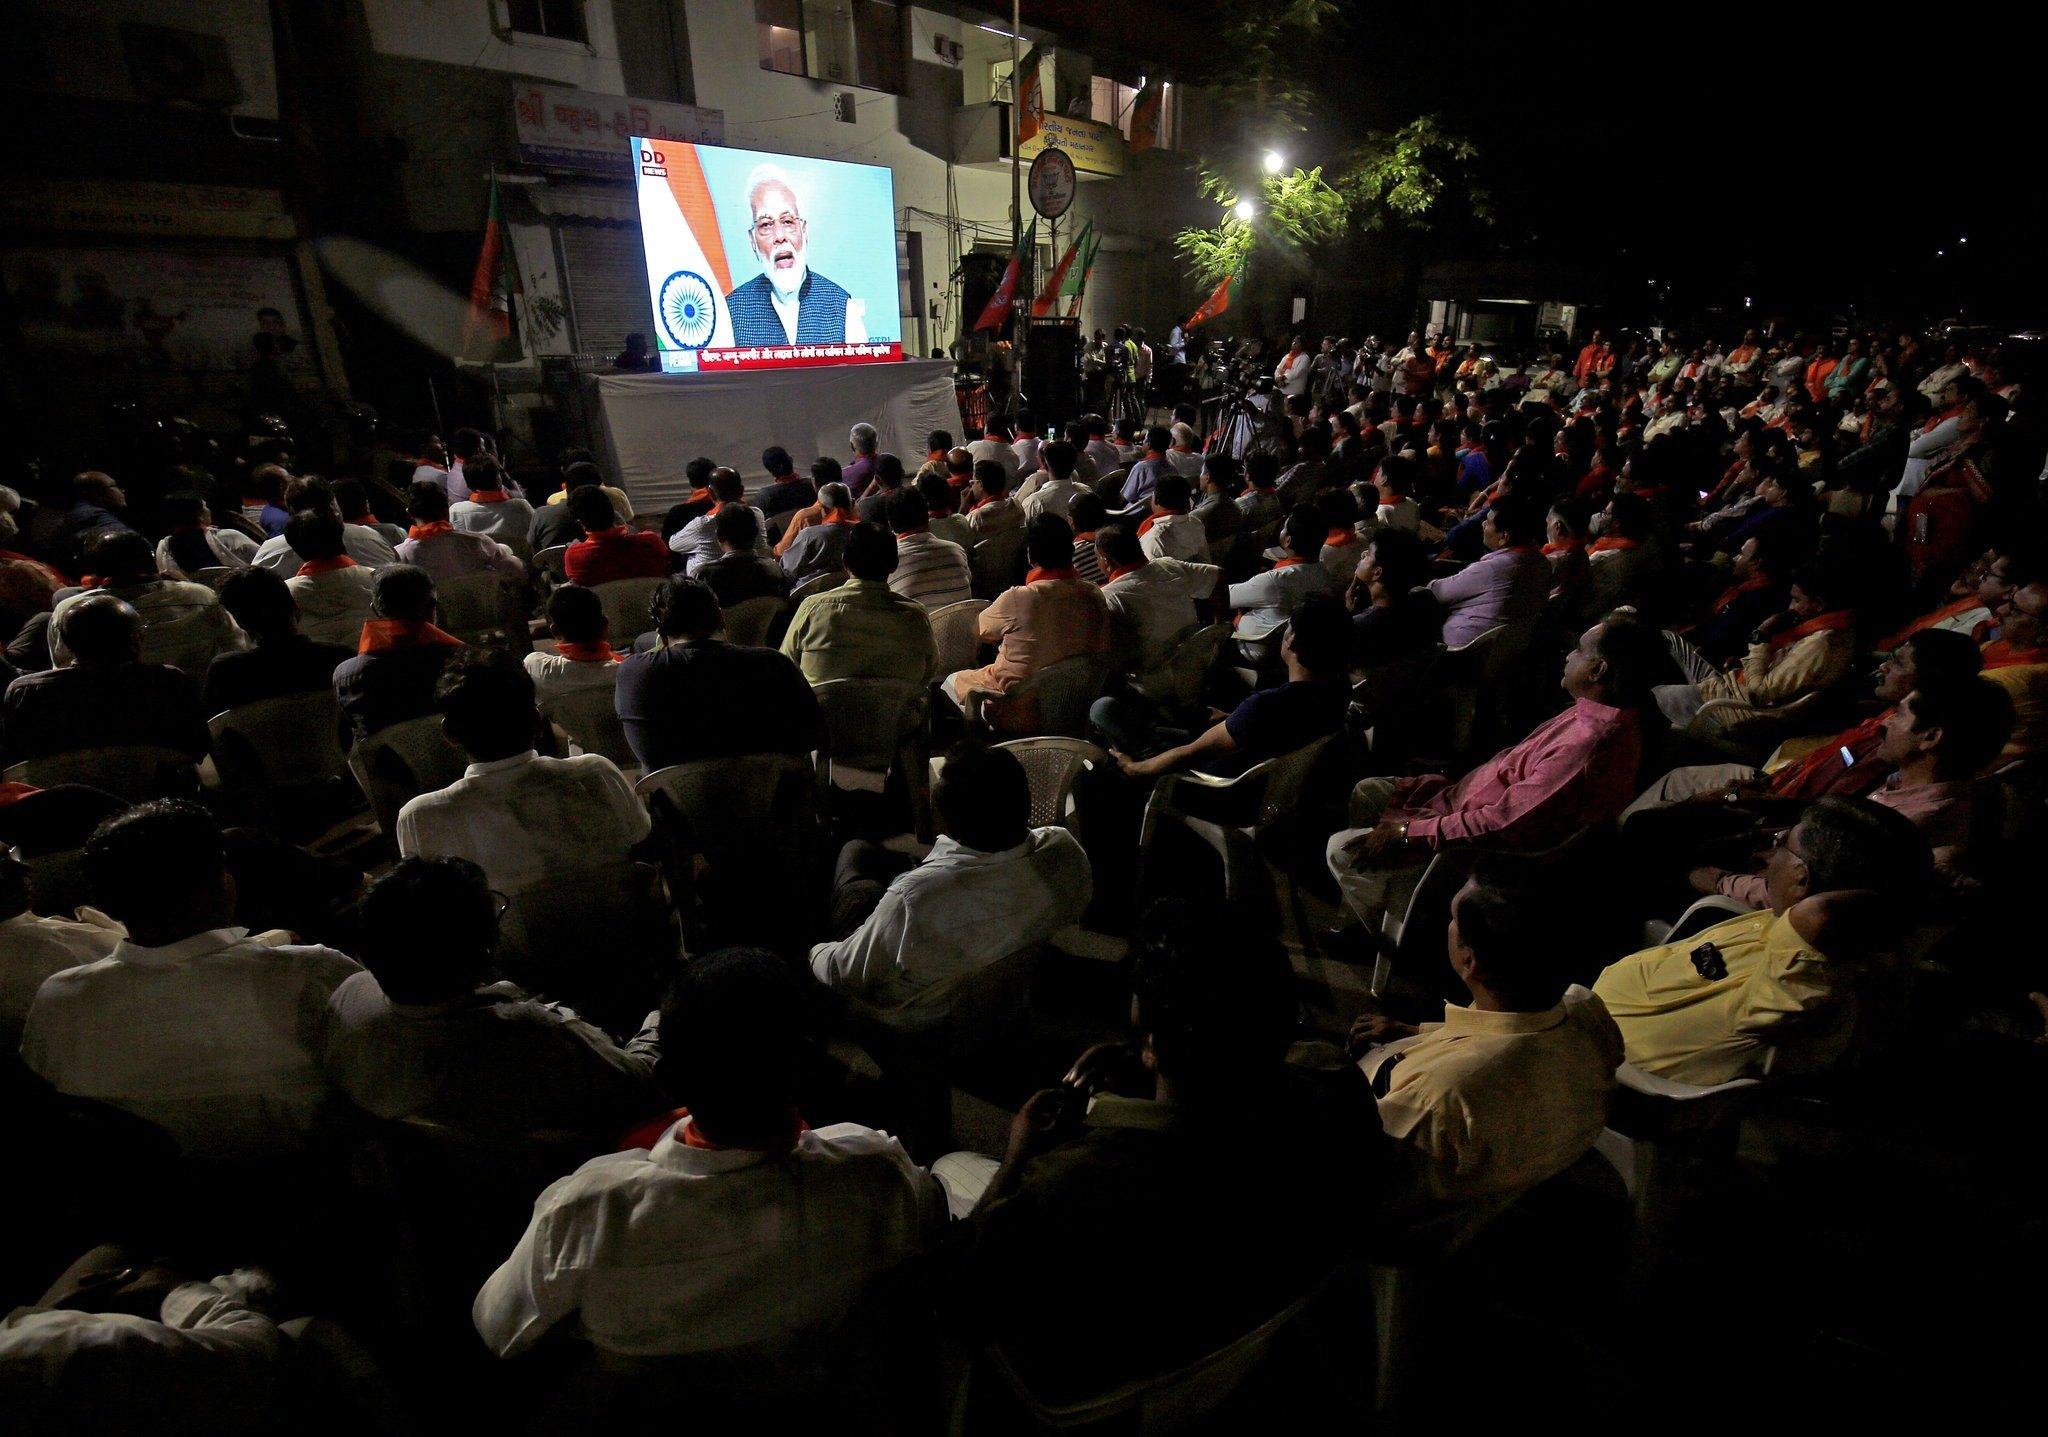 8 اگست کو احمد آباد میں وزیر اعظم نریندر مودی کا ملک کے نام خطاب سنتے لوگ(فوٹو : رائٹرس)